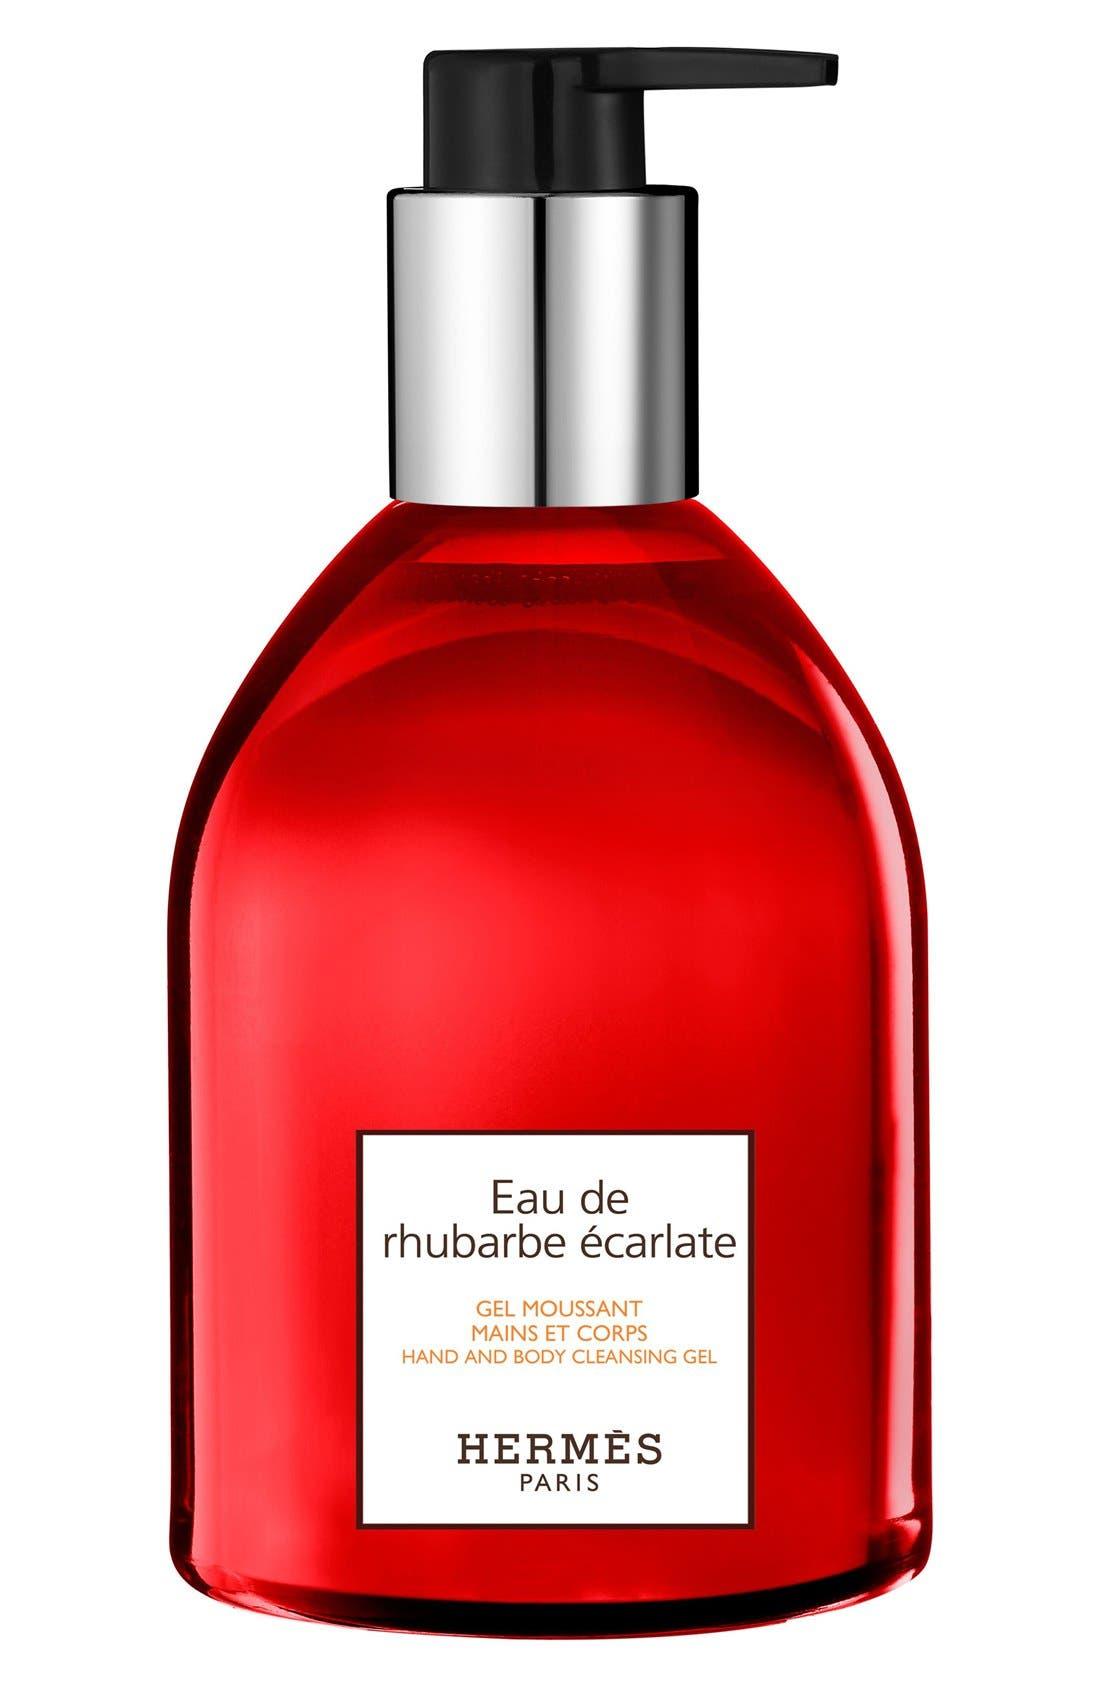 Hermès Eau de Rhubarbe Écarlate - Hand and Body Cleansing Gel